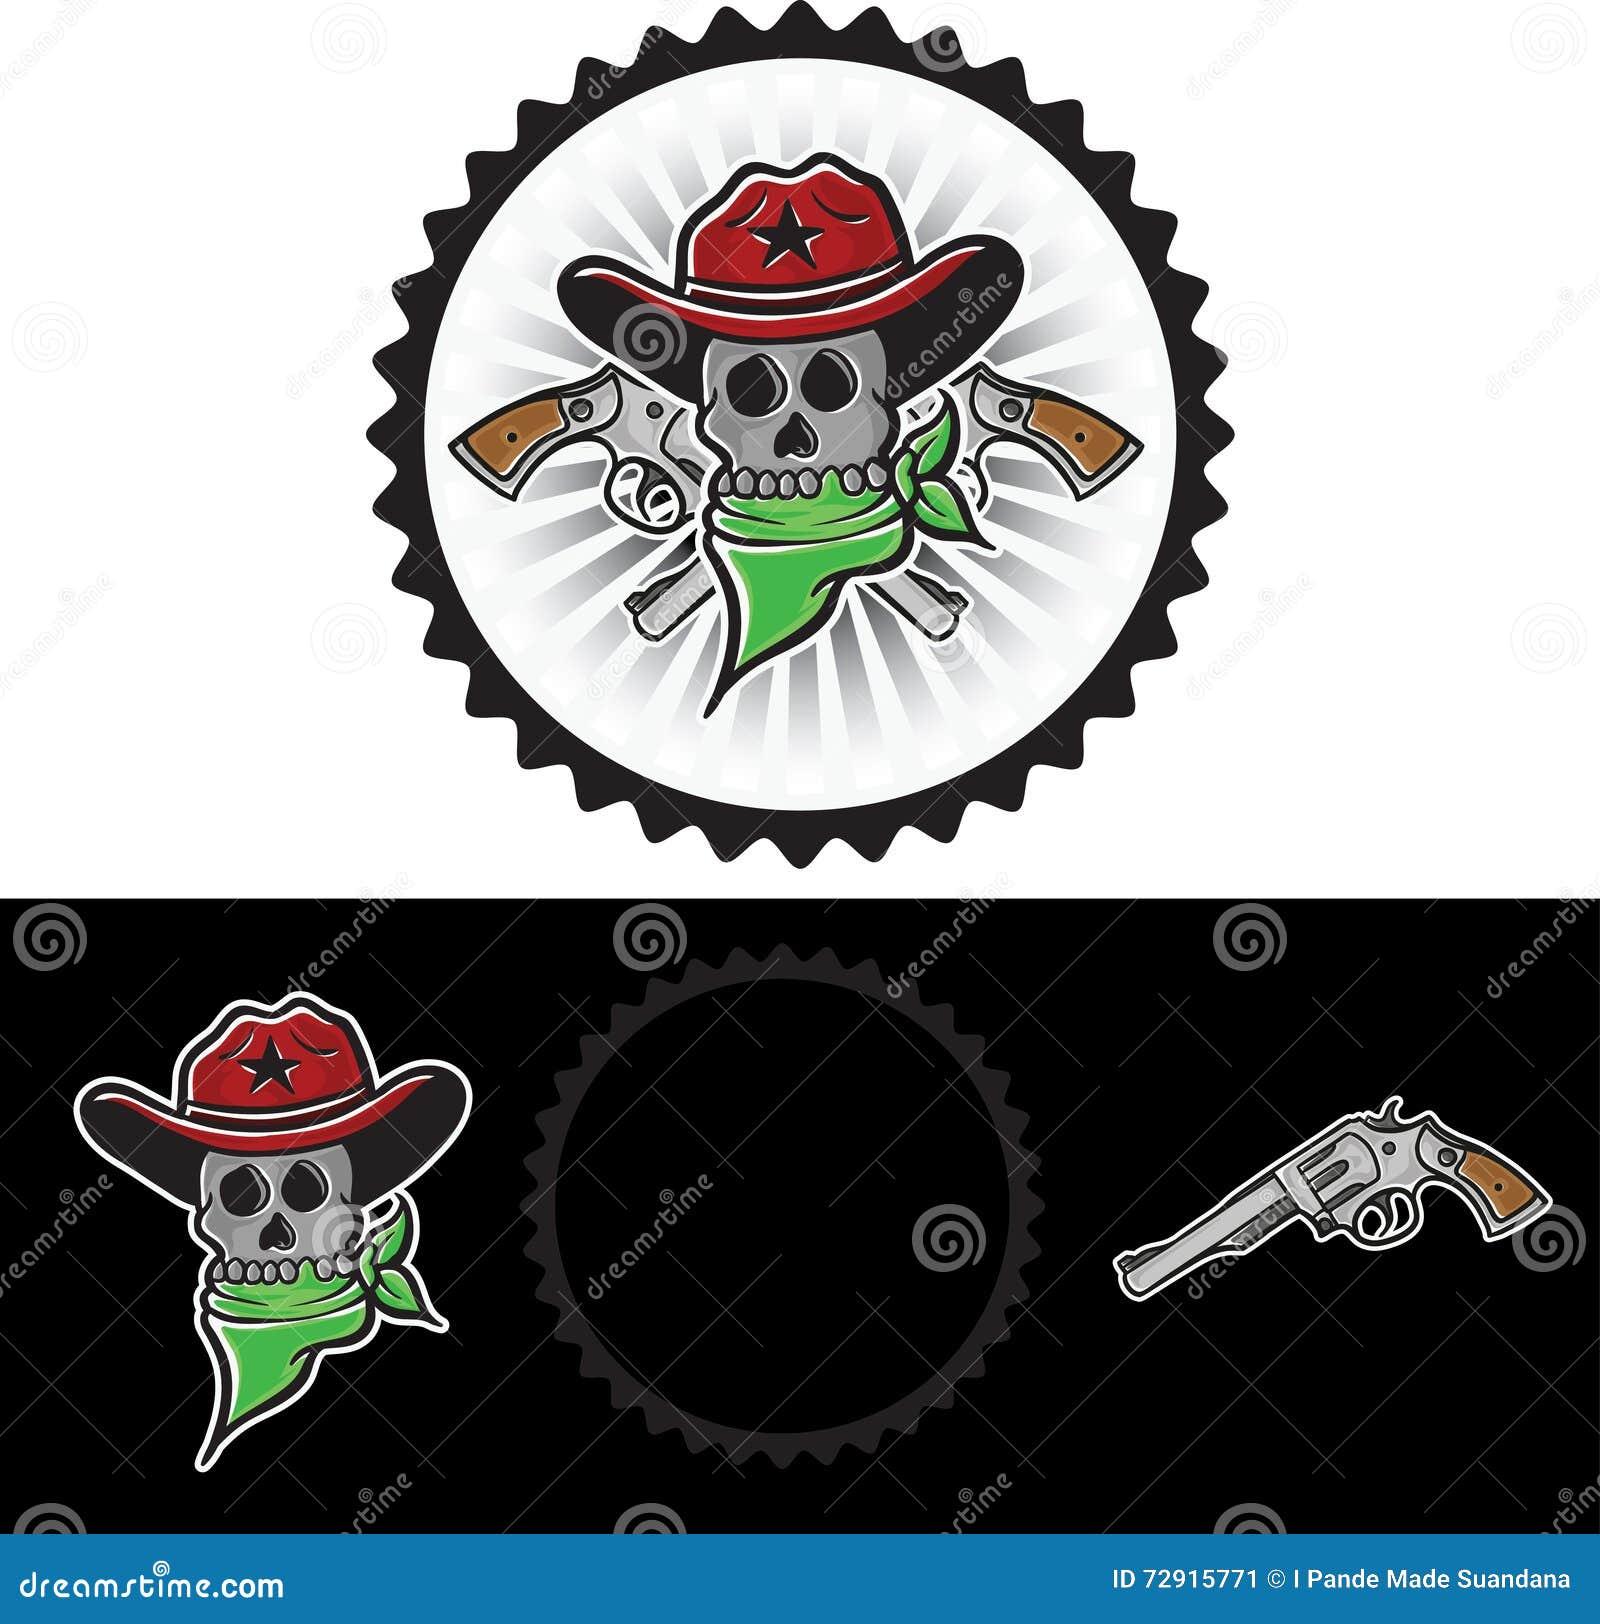 Vaquero Mascot